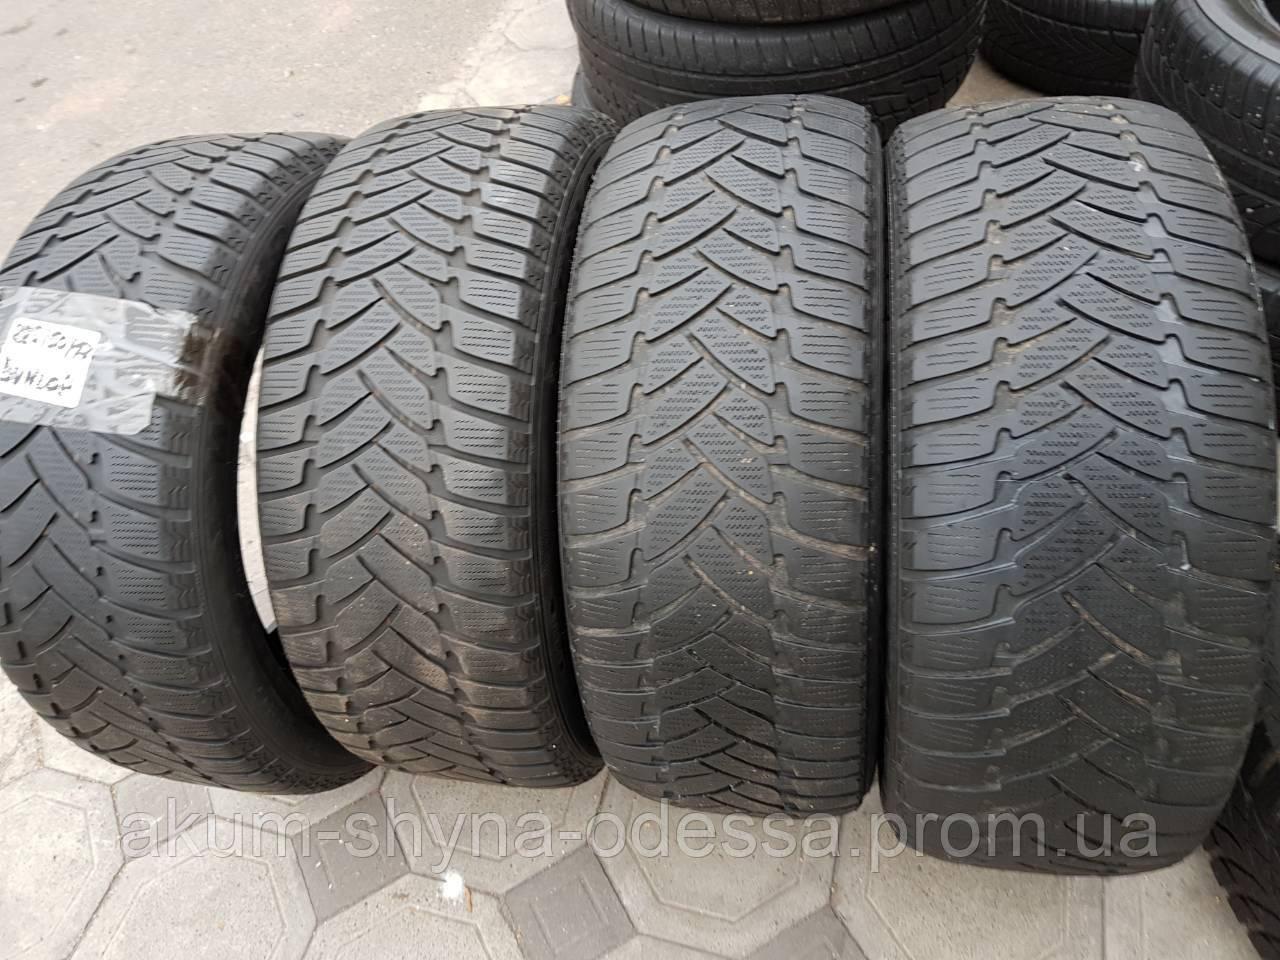 Шины зимние б/у 225/50 R17 Dunlop 6мм комплект